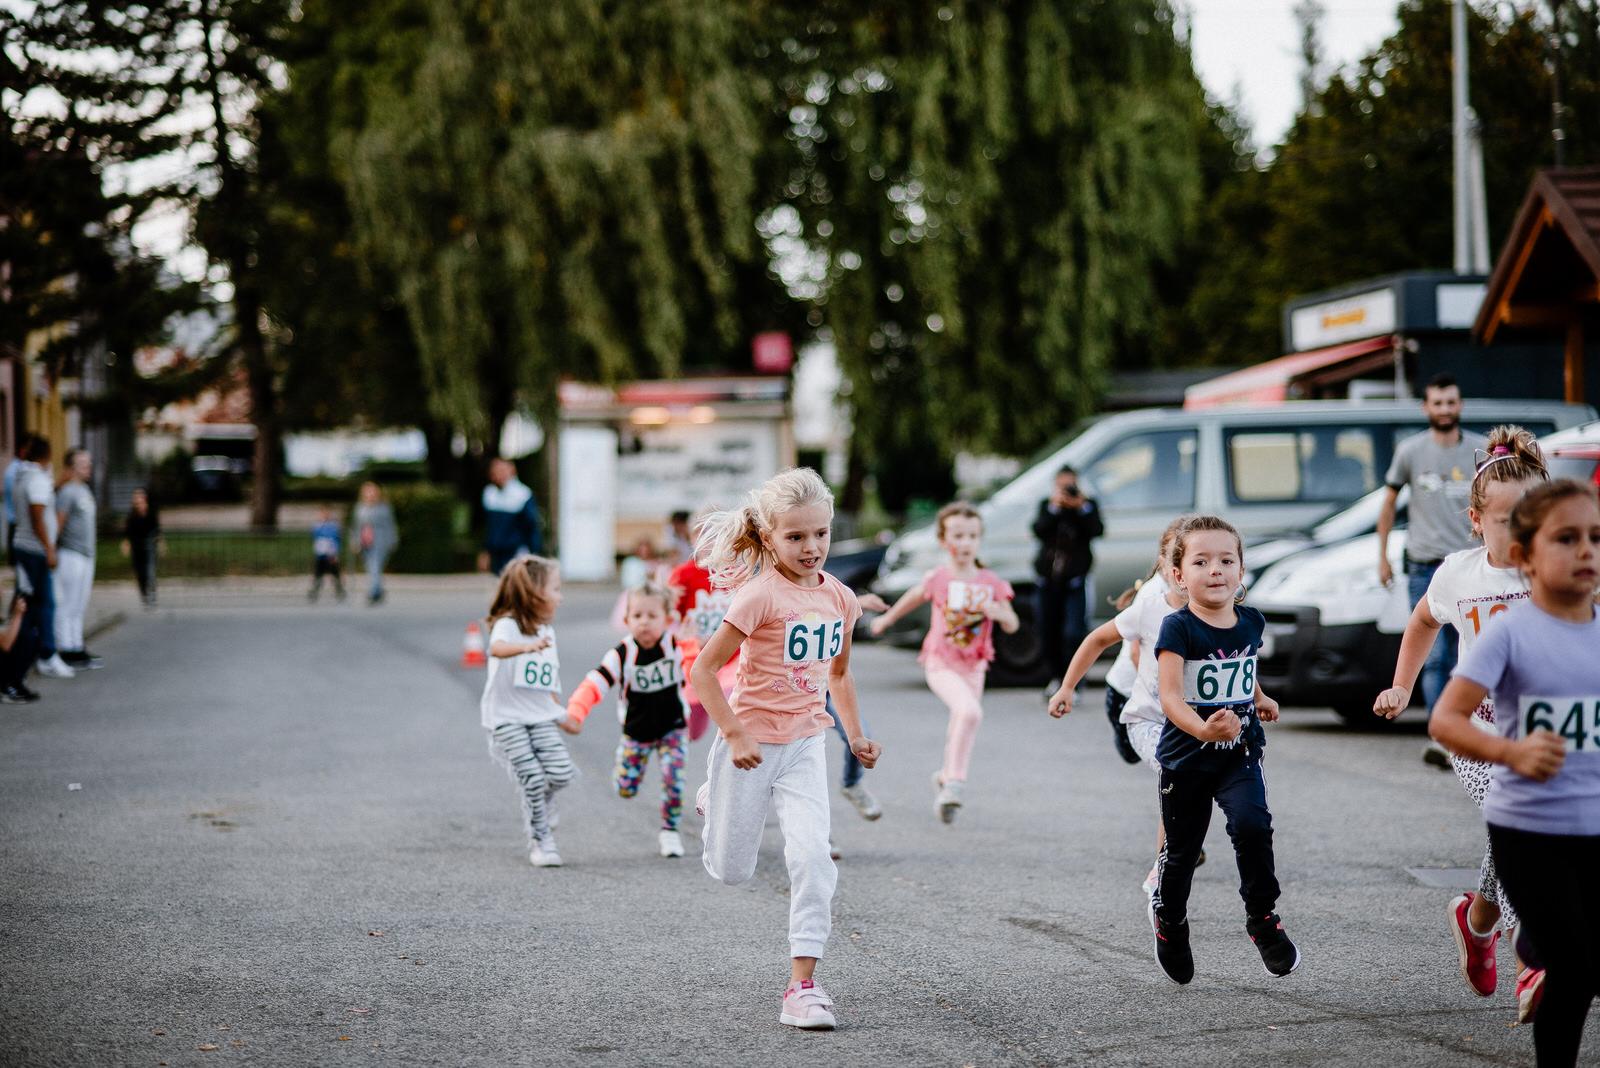 likaclub_korenica_noćna-utrka-2019-6